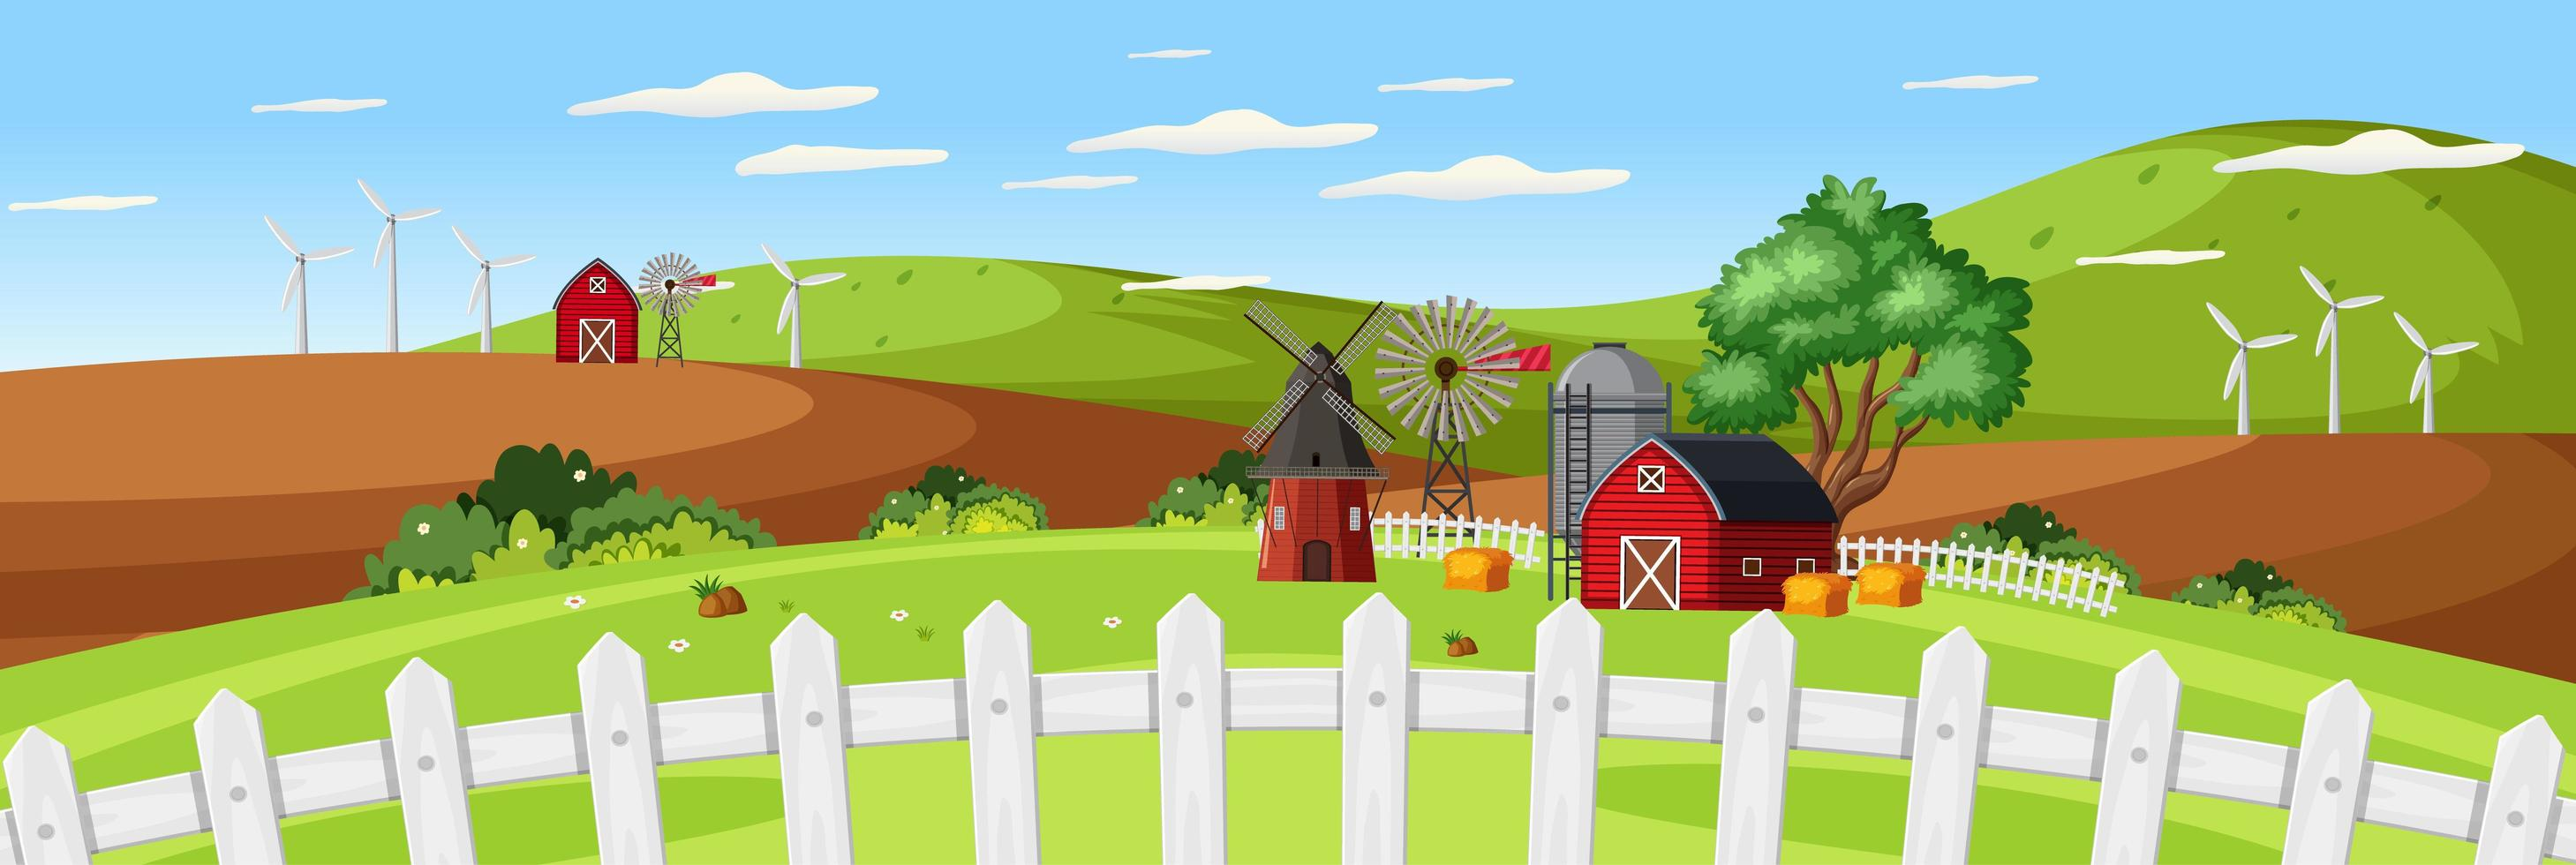 Paisaje agrícola con granero rojo y cerca de cerca en temporada de verano vector